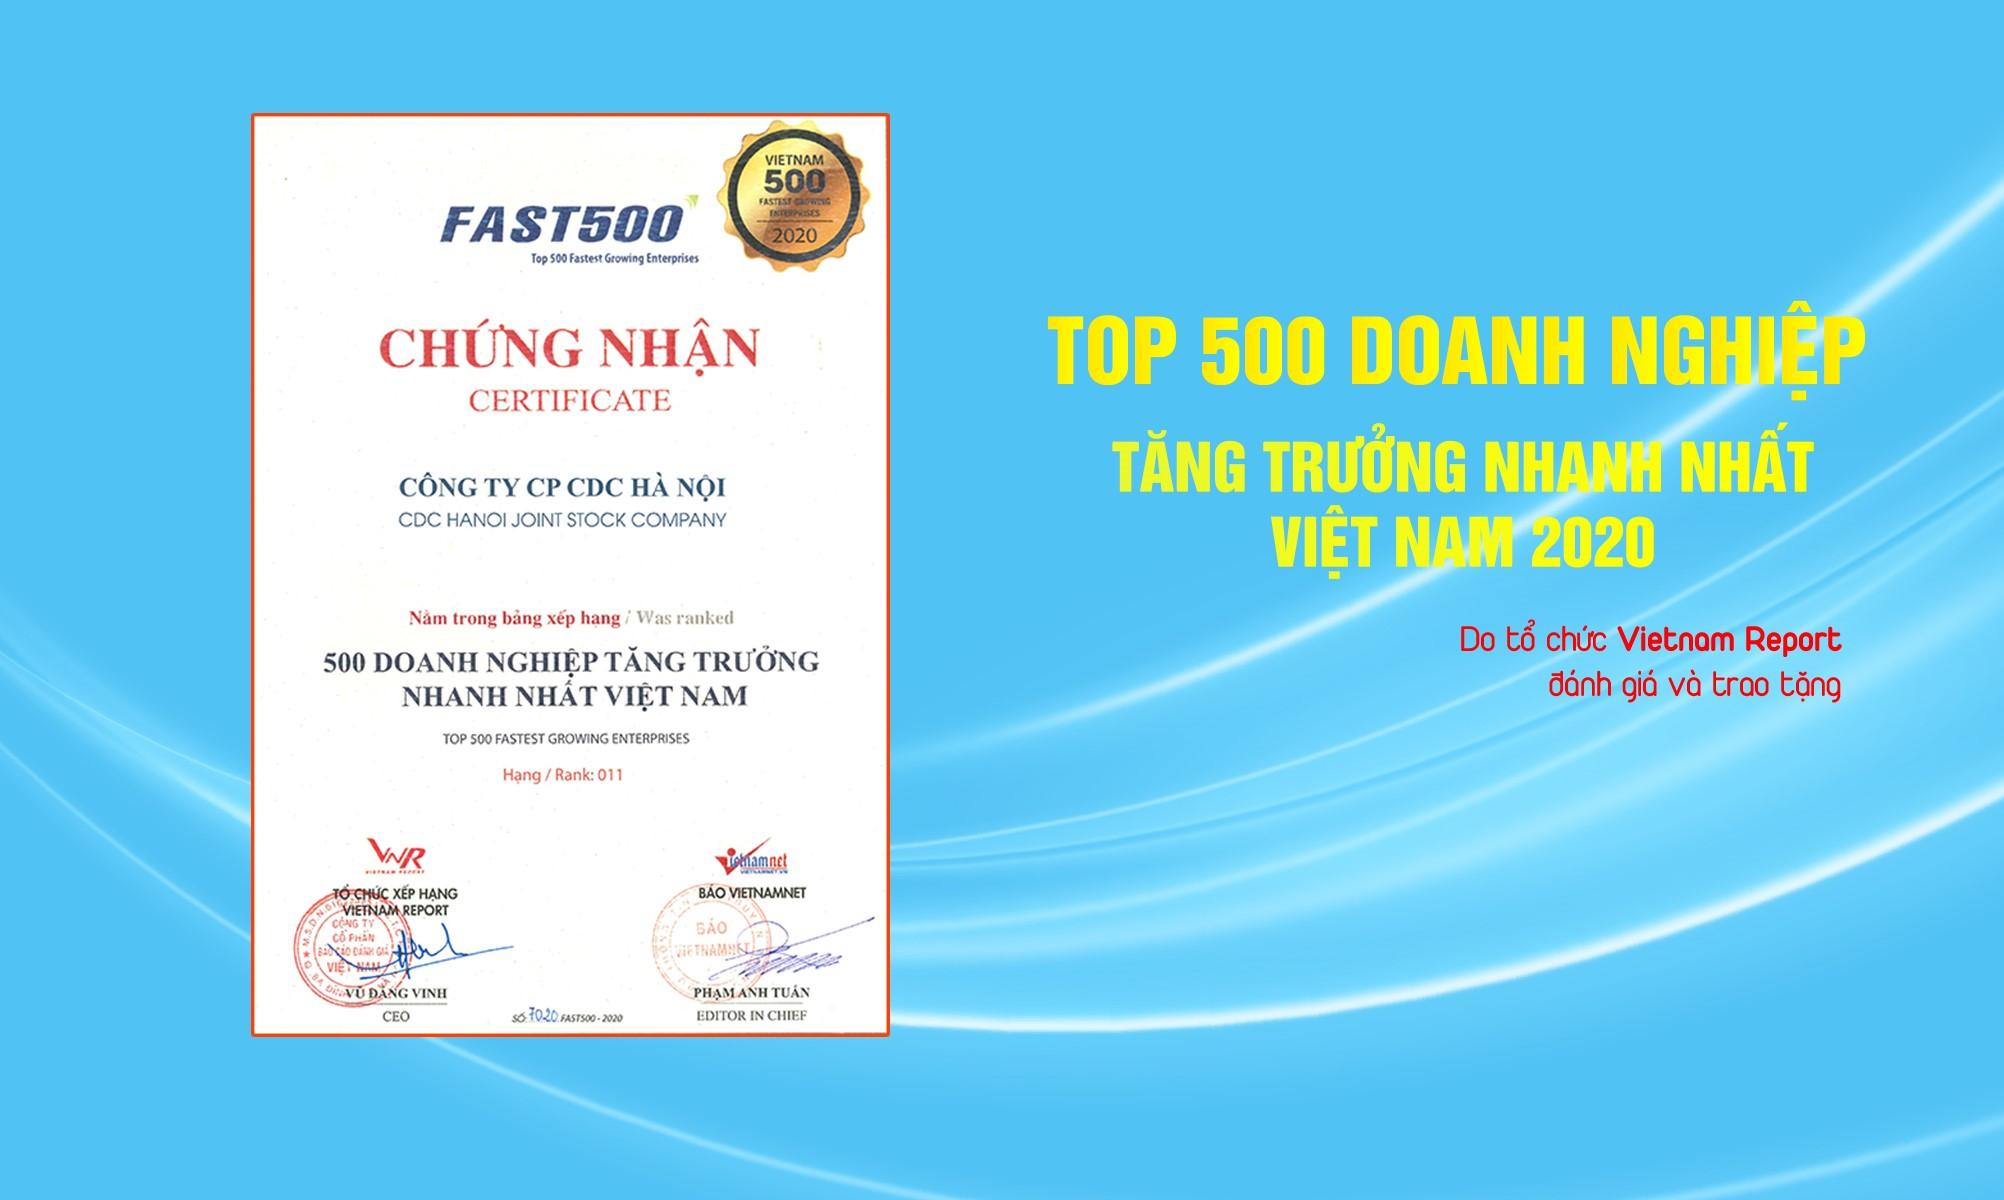 Công ty CP CDC Hà Nội được tôn vinh tại Lễ công bố 500 Doanh nghiệp tăng trưởng nhanh nhất Việt Nam 2020